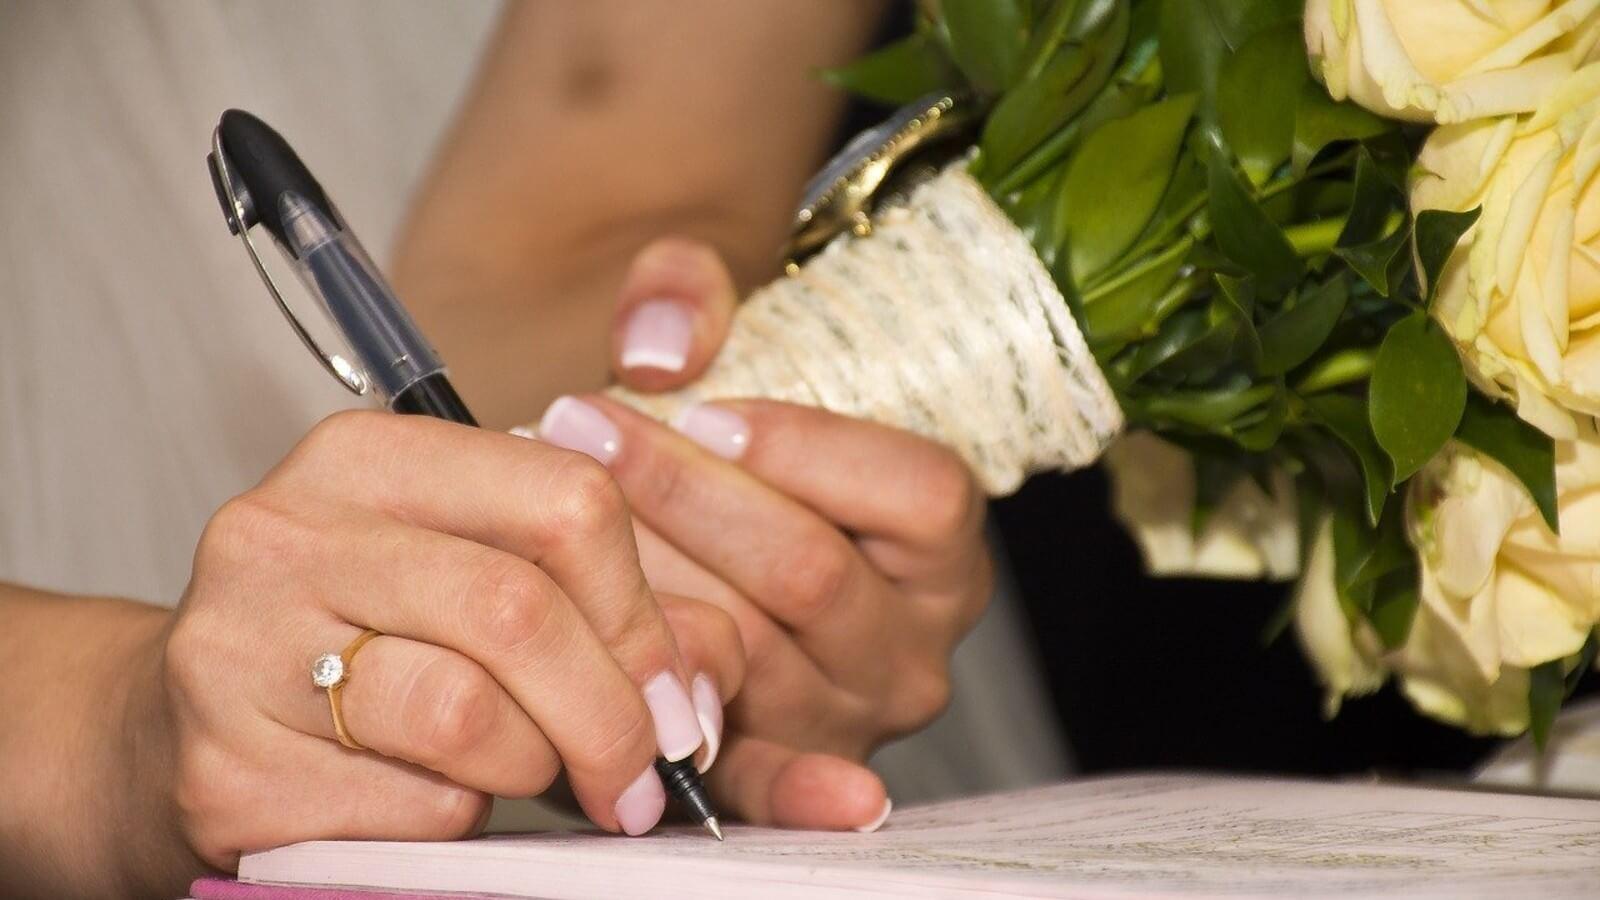 Avv. Iacobino: «In Italia gli accordi prematrimoniali non sono legali»